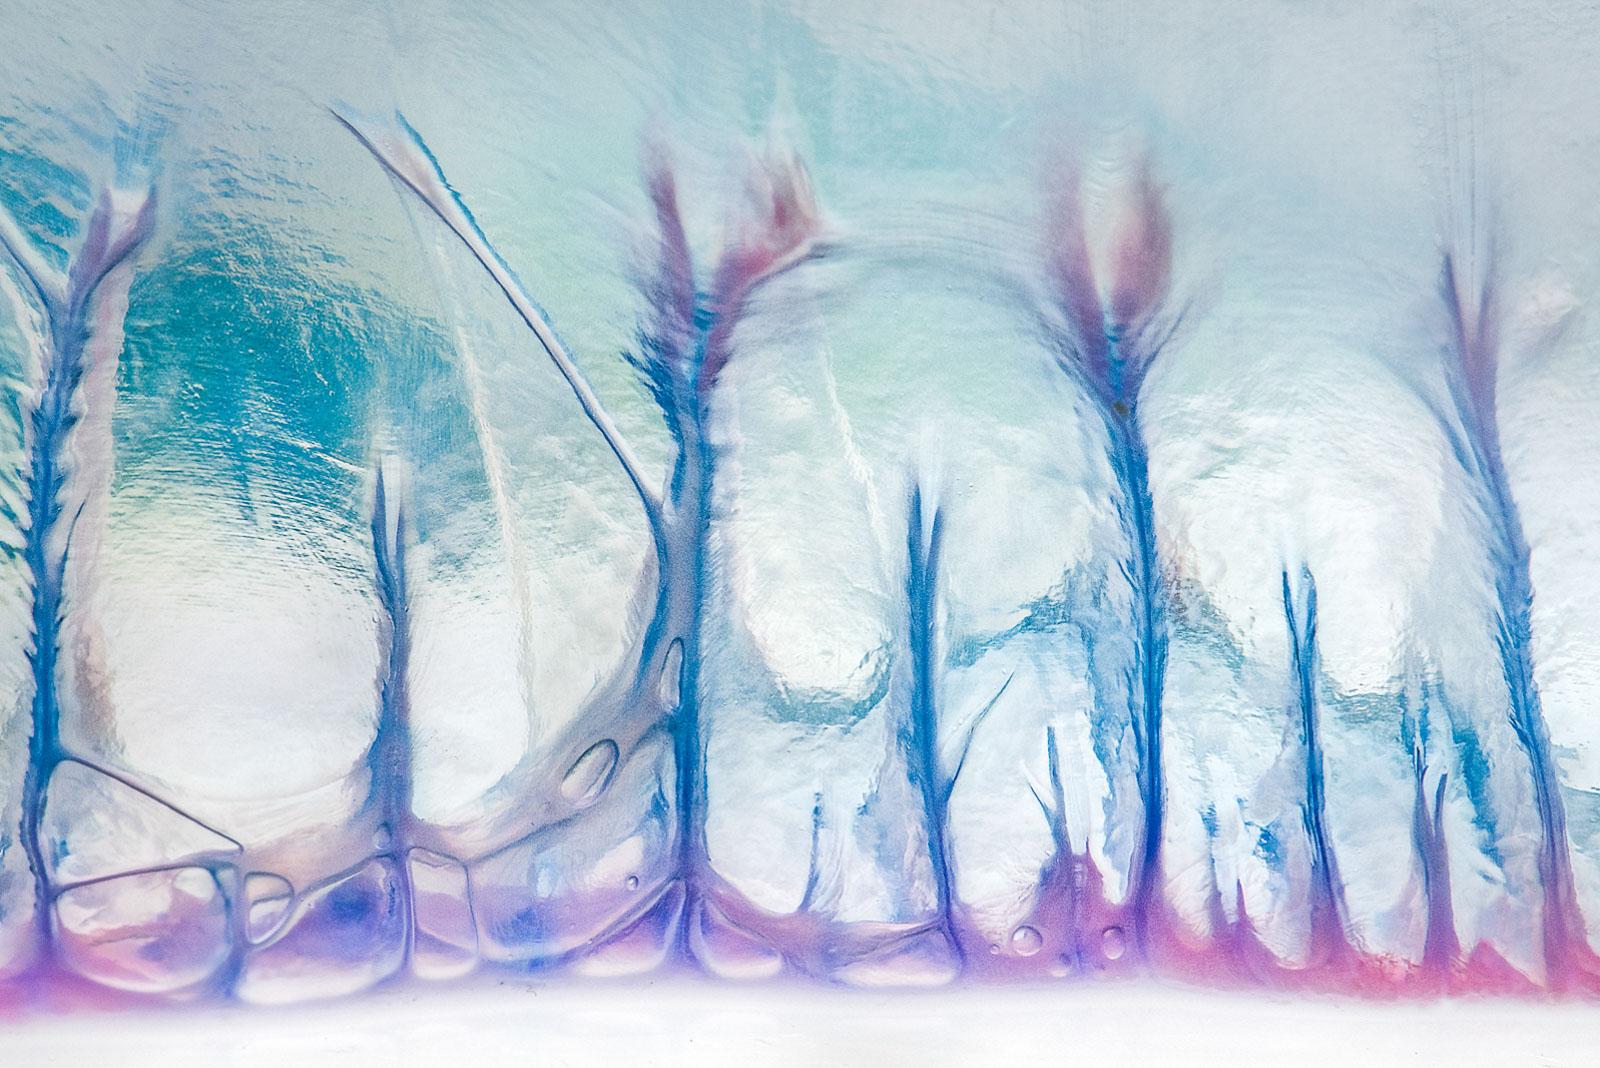 abstract macro photos